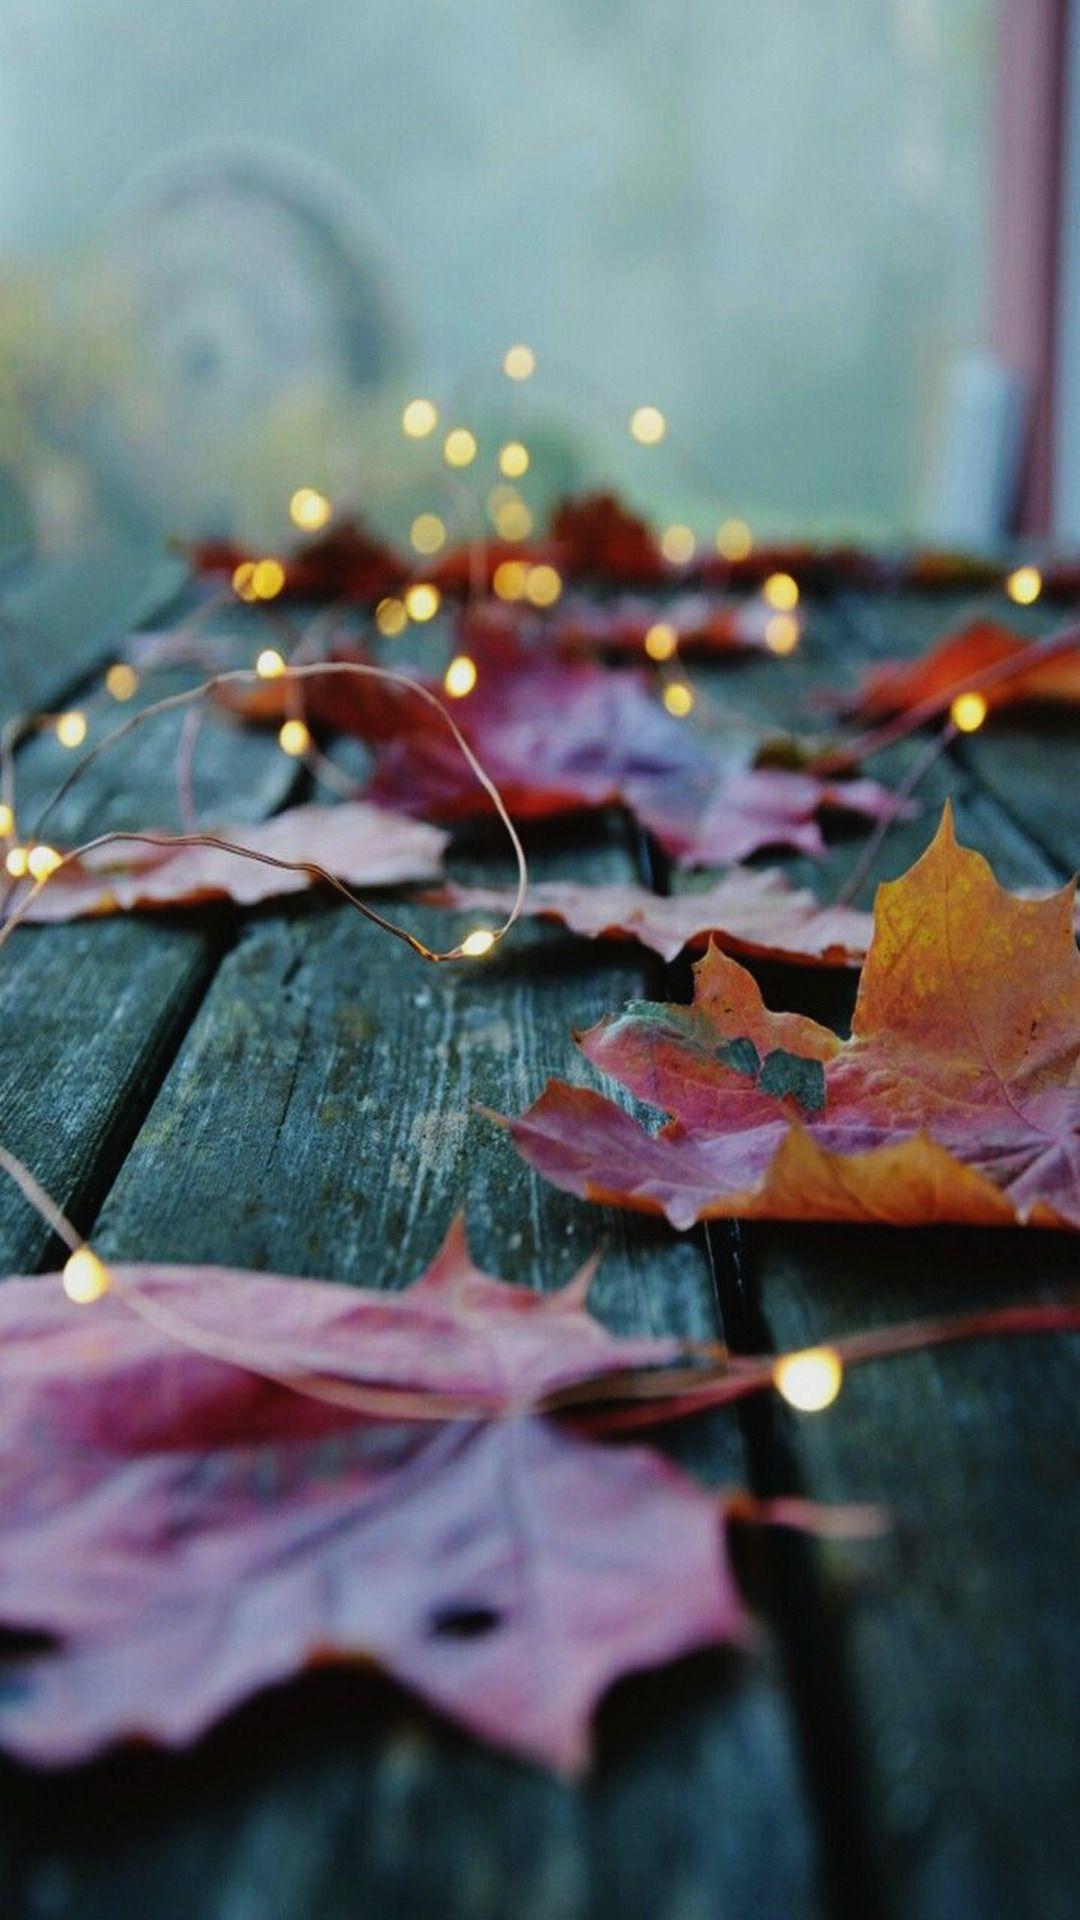 Pin de Marta em Осінь Papel de parede de outono